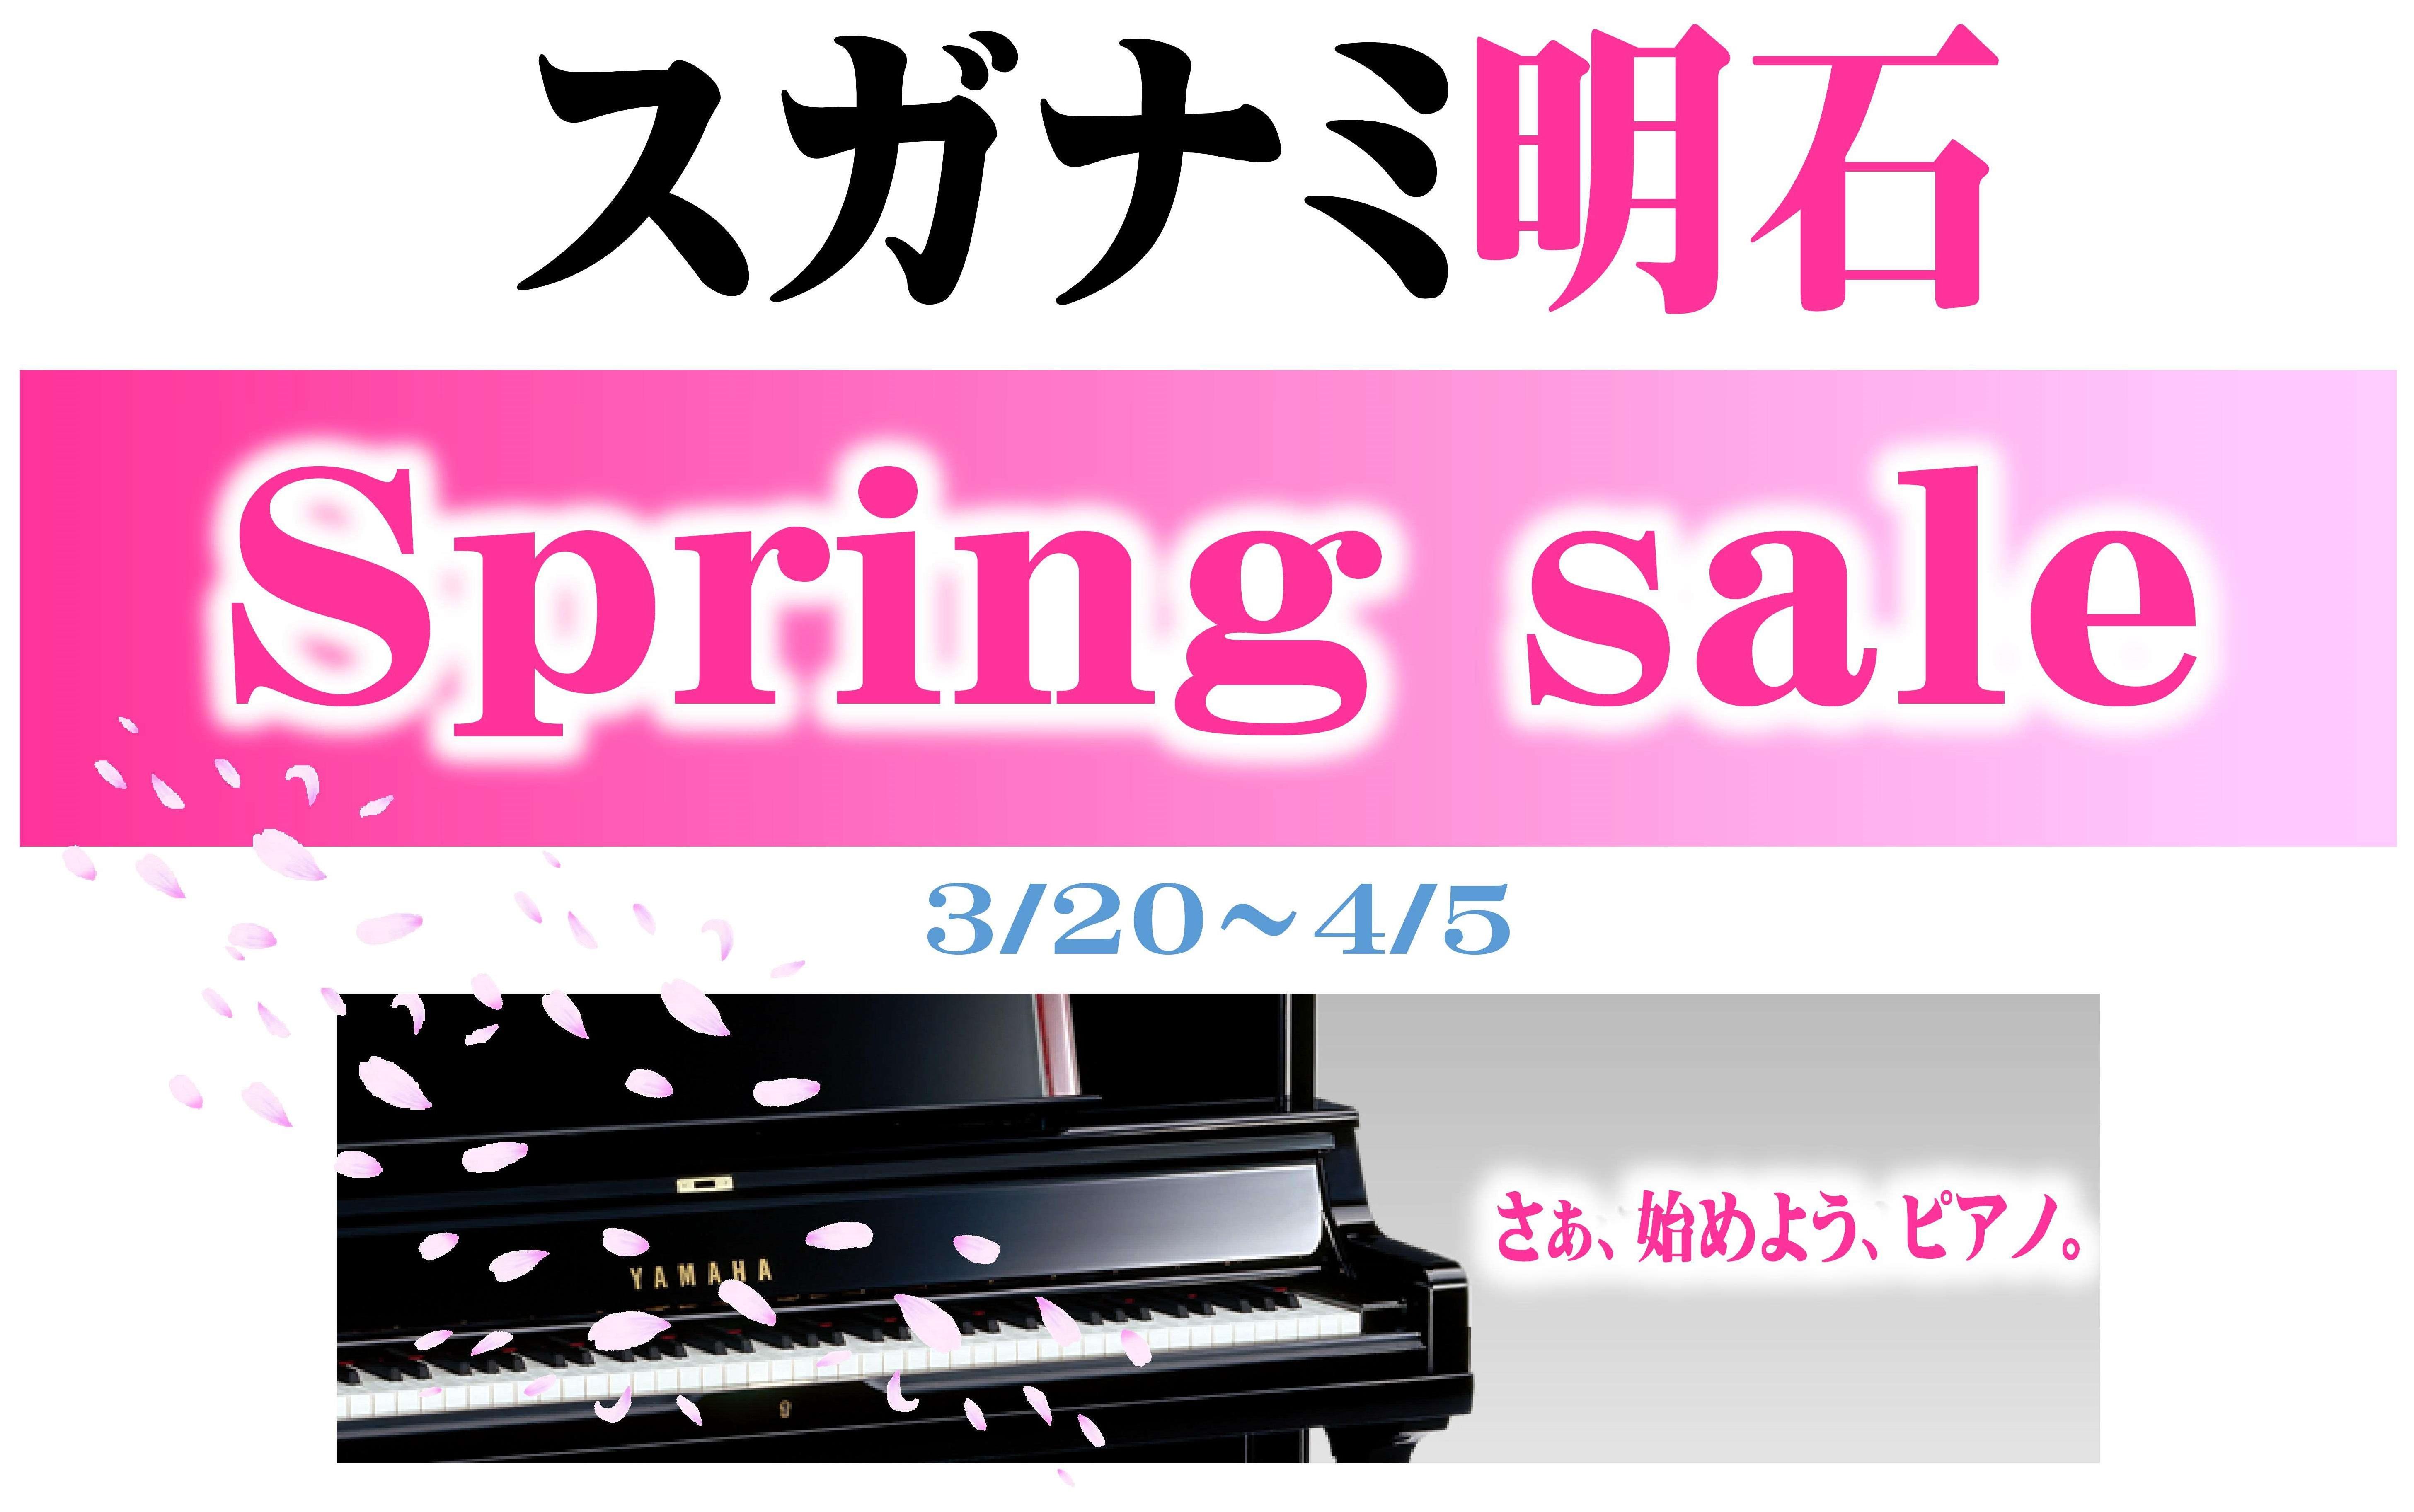 2015春セール